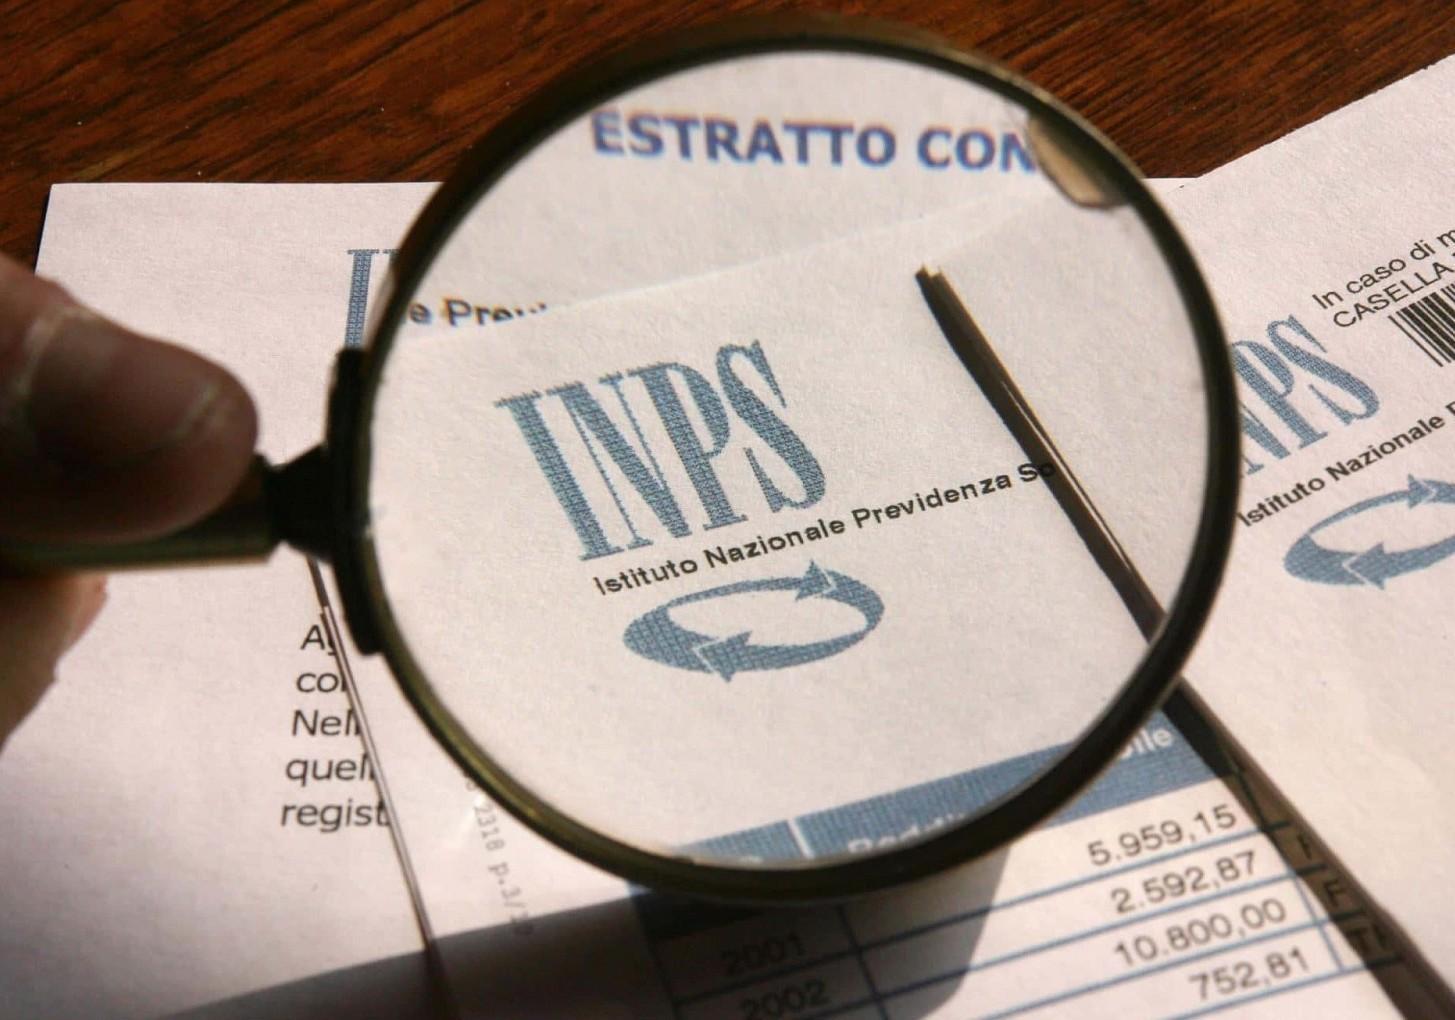 Maggiorazione sociale pensione 2019-2020 a chi spetta, requisiti, come fare domanda INPS